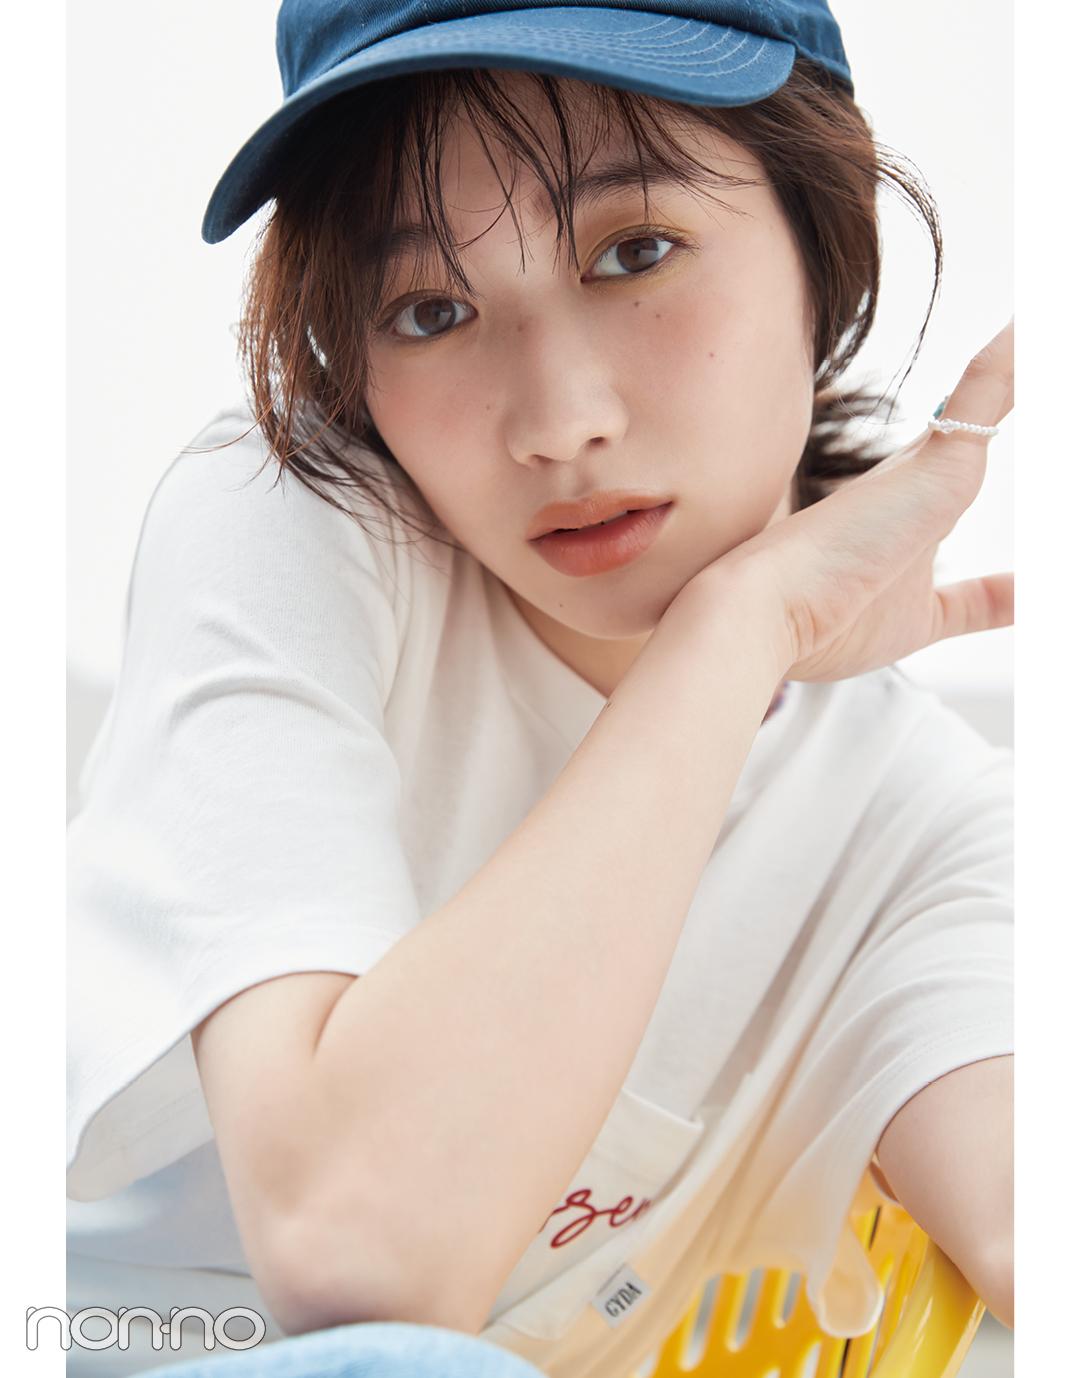 岡本夏美のカジュアル&ヘルシーな彼女の場合。カット3-1